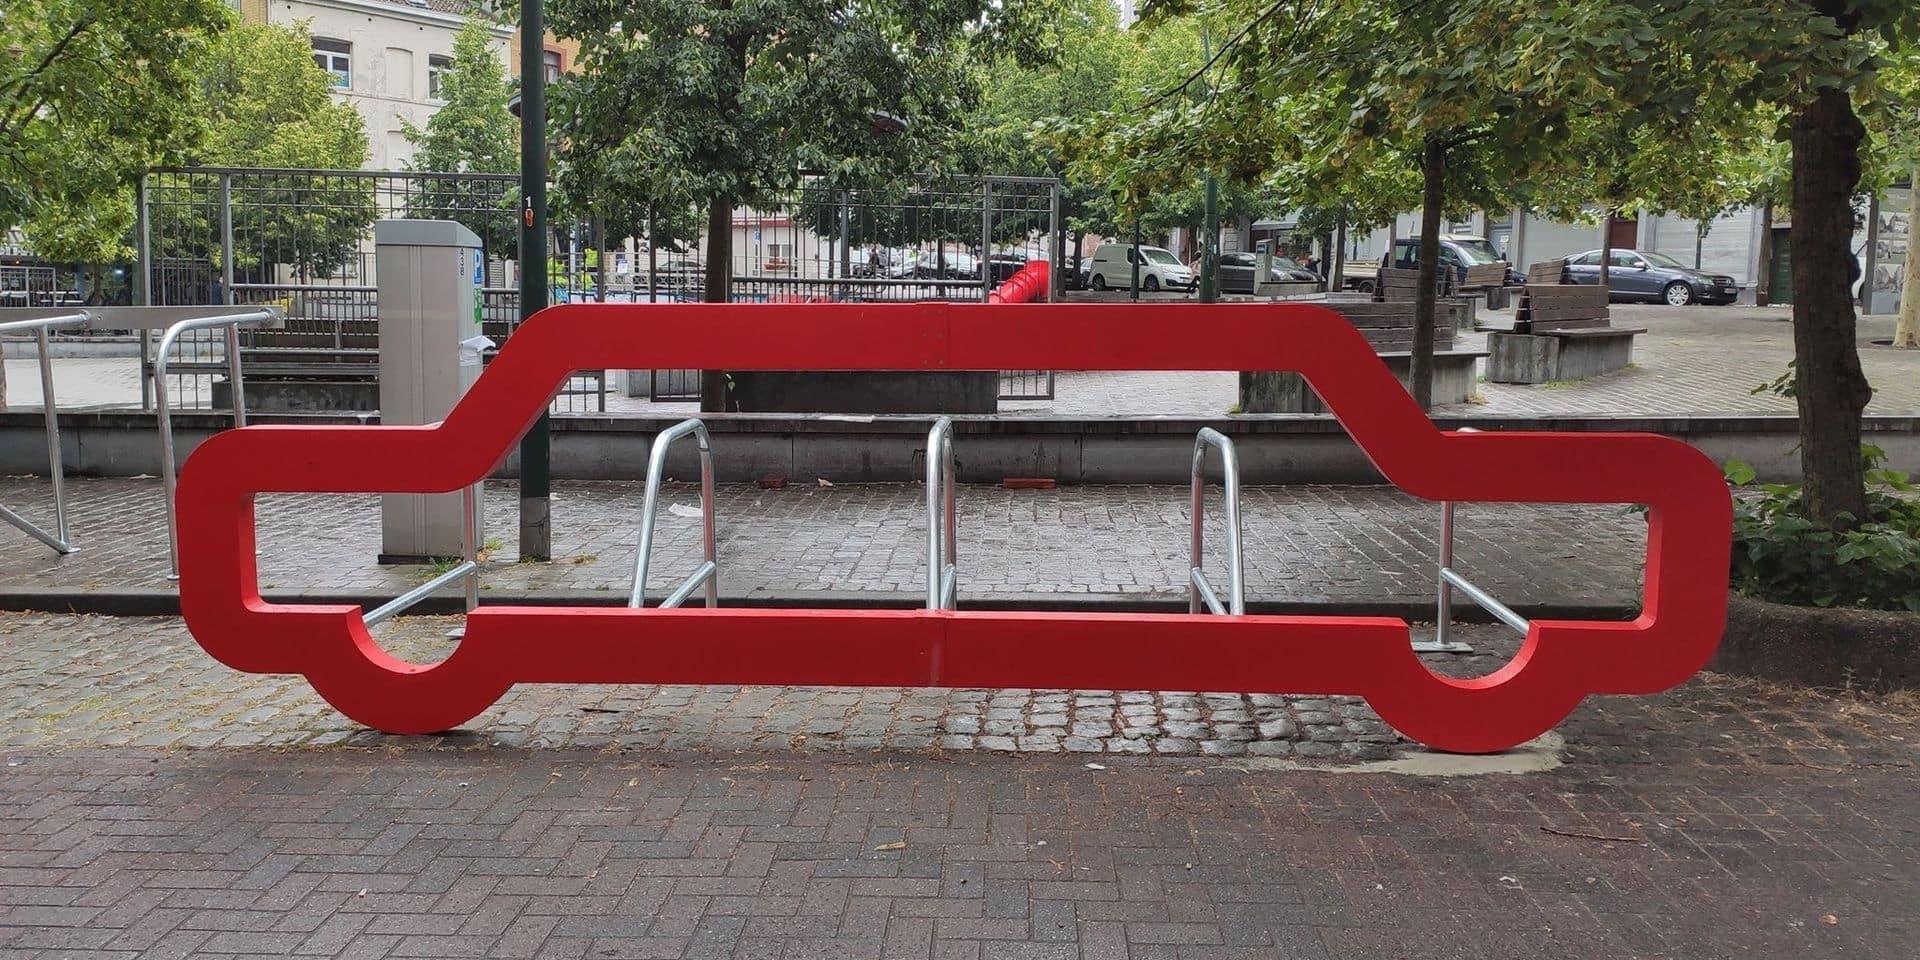 Saint-Gilles : Des voitures-arceaux ont fait leur apparition dans l'espace public